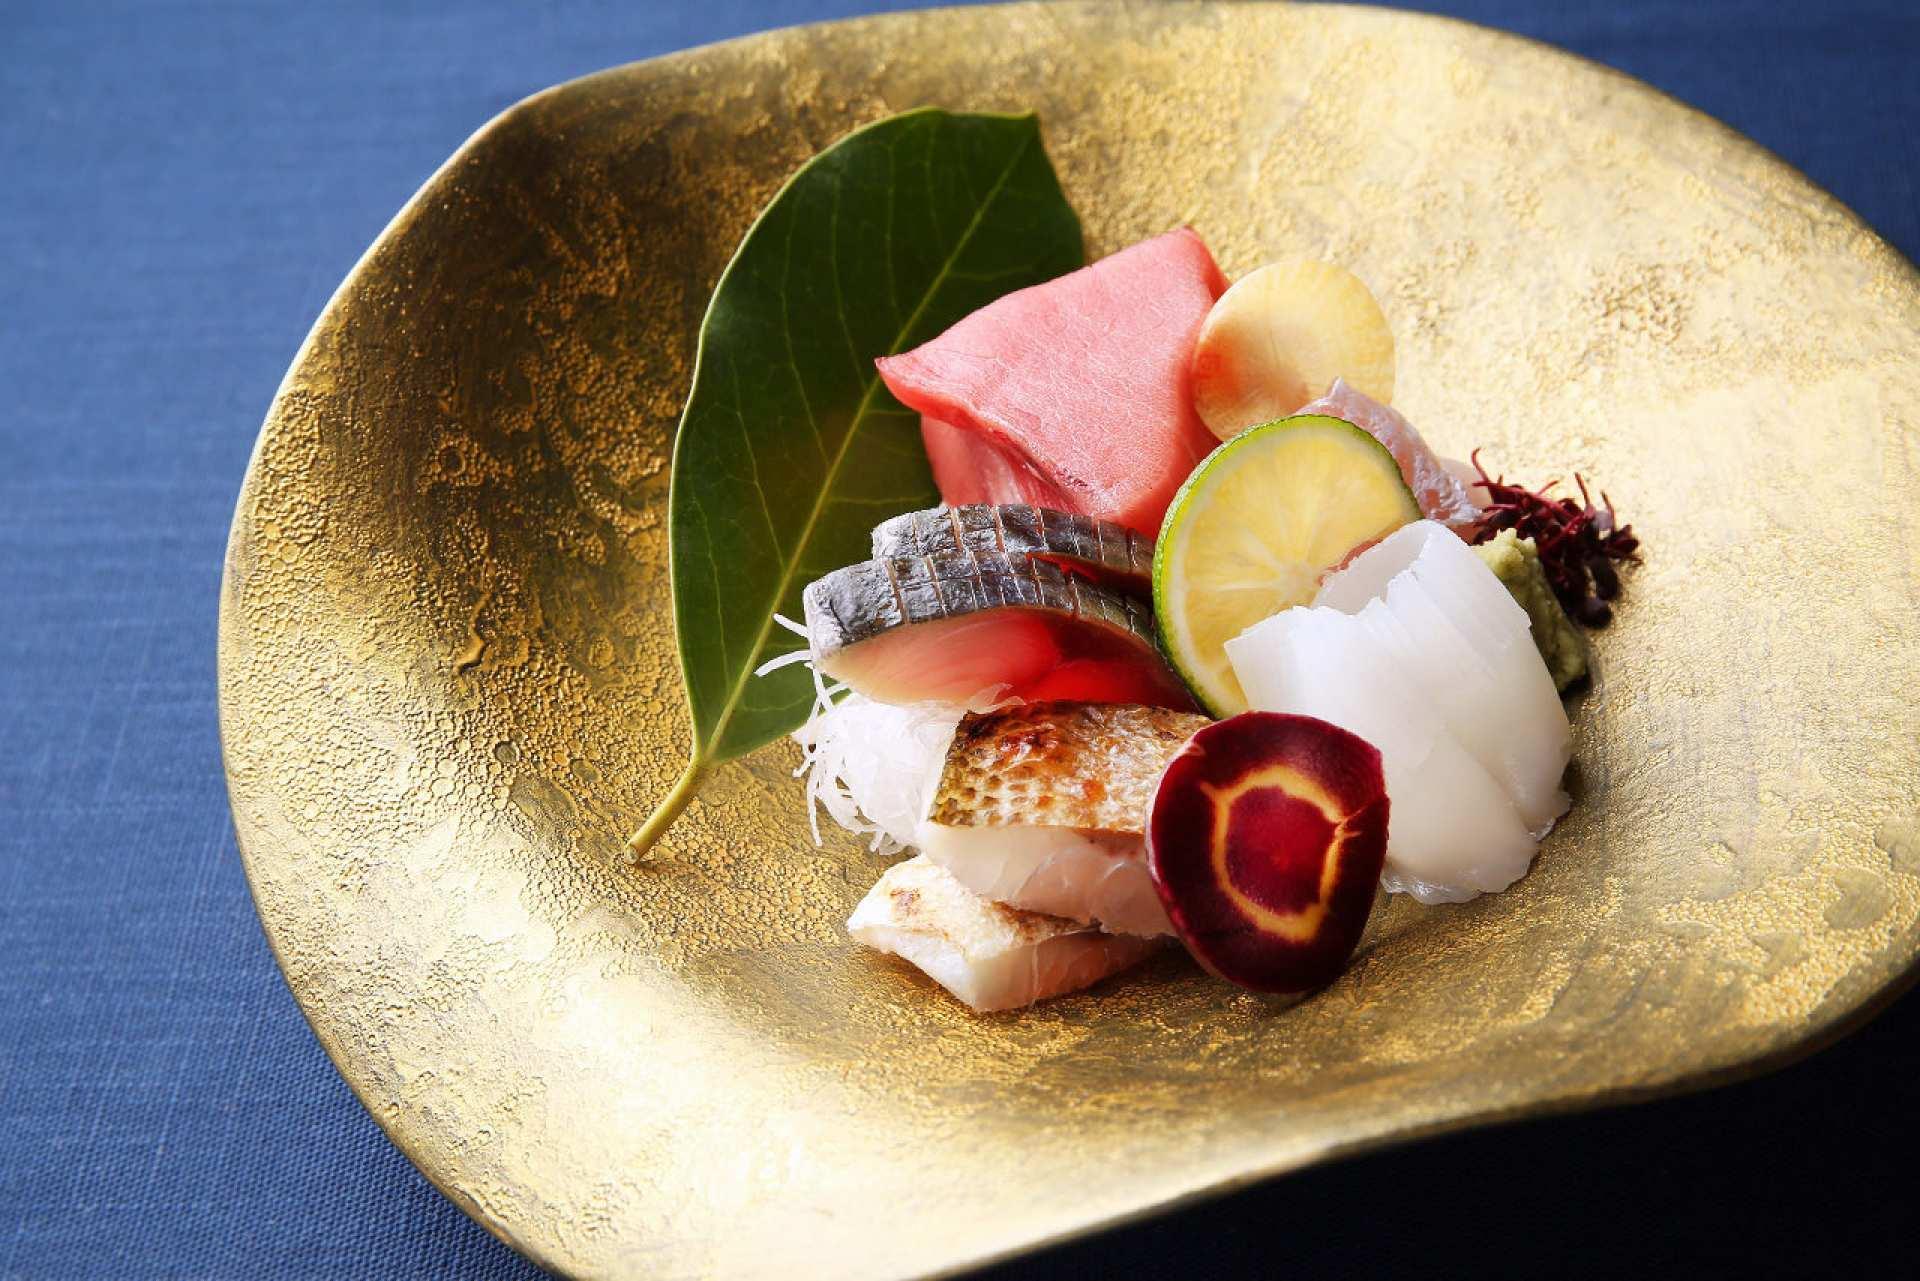 【東京・新橋】たまさか銀座:懐石コースディナーお食事チケット